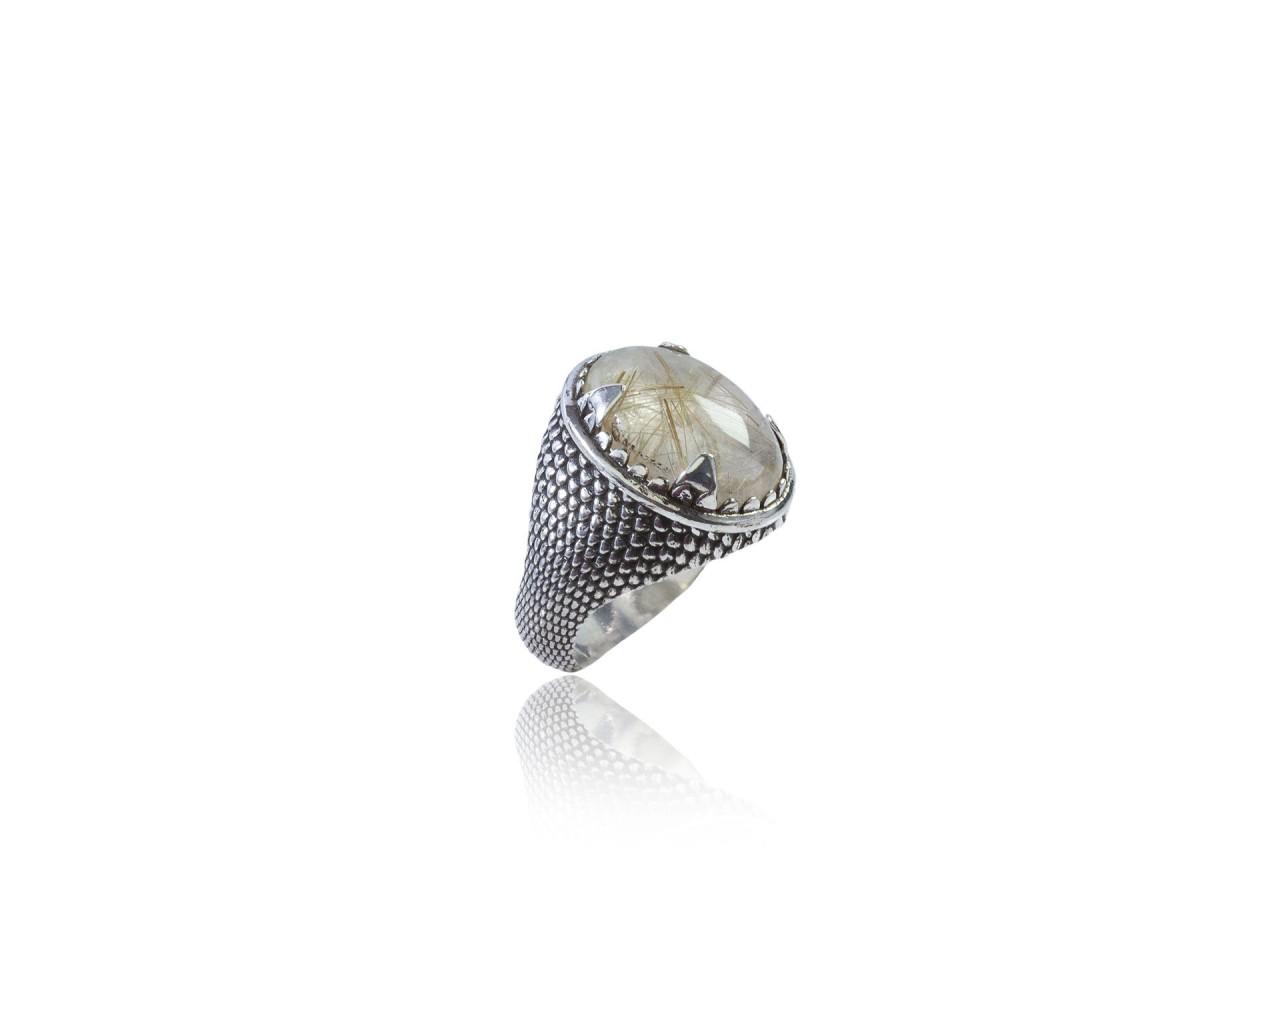 Anello in argento 925 con texture pelle di serpentee pietra di quarzo rutilato naturale